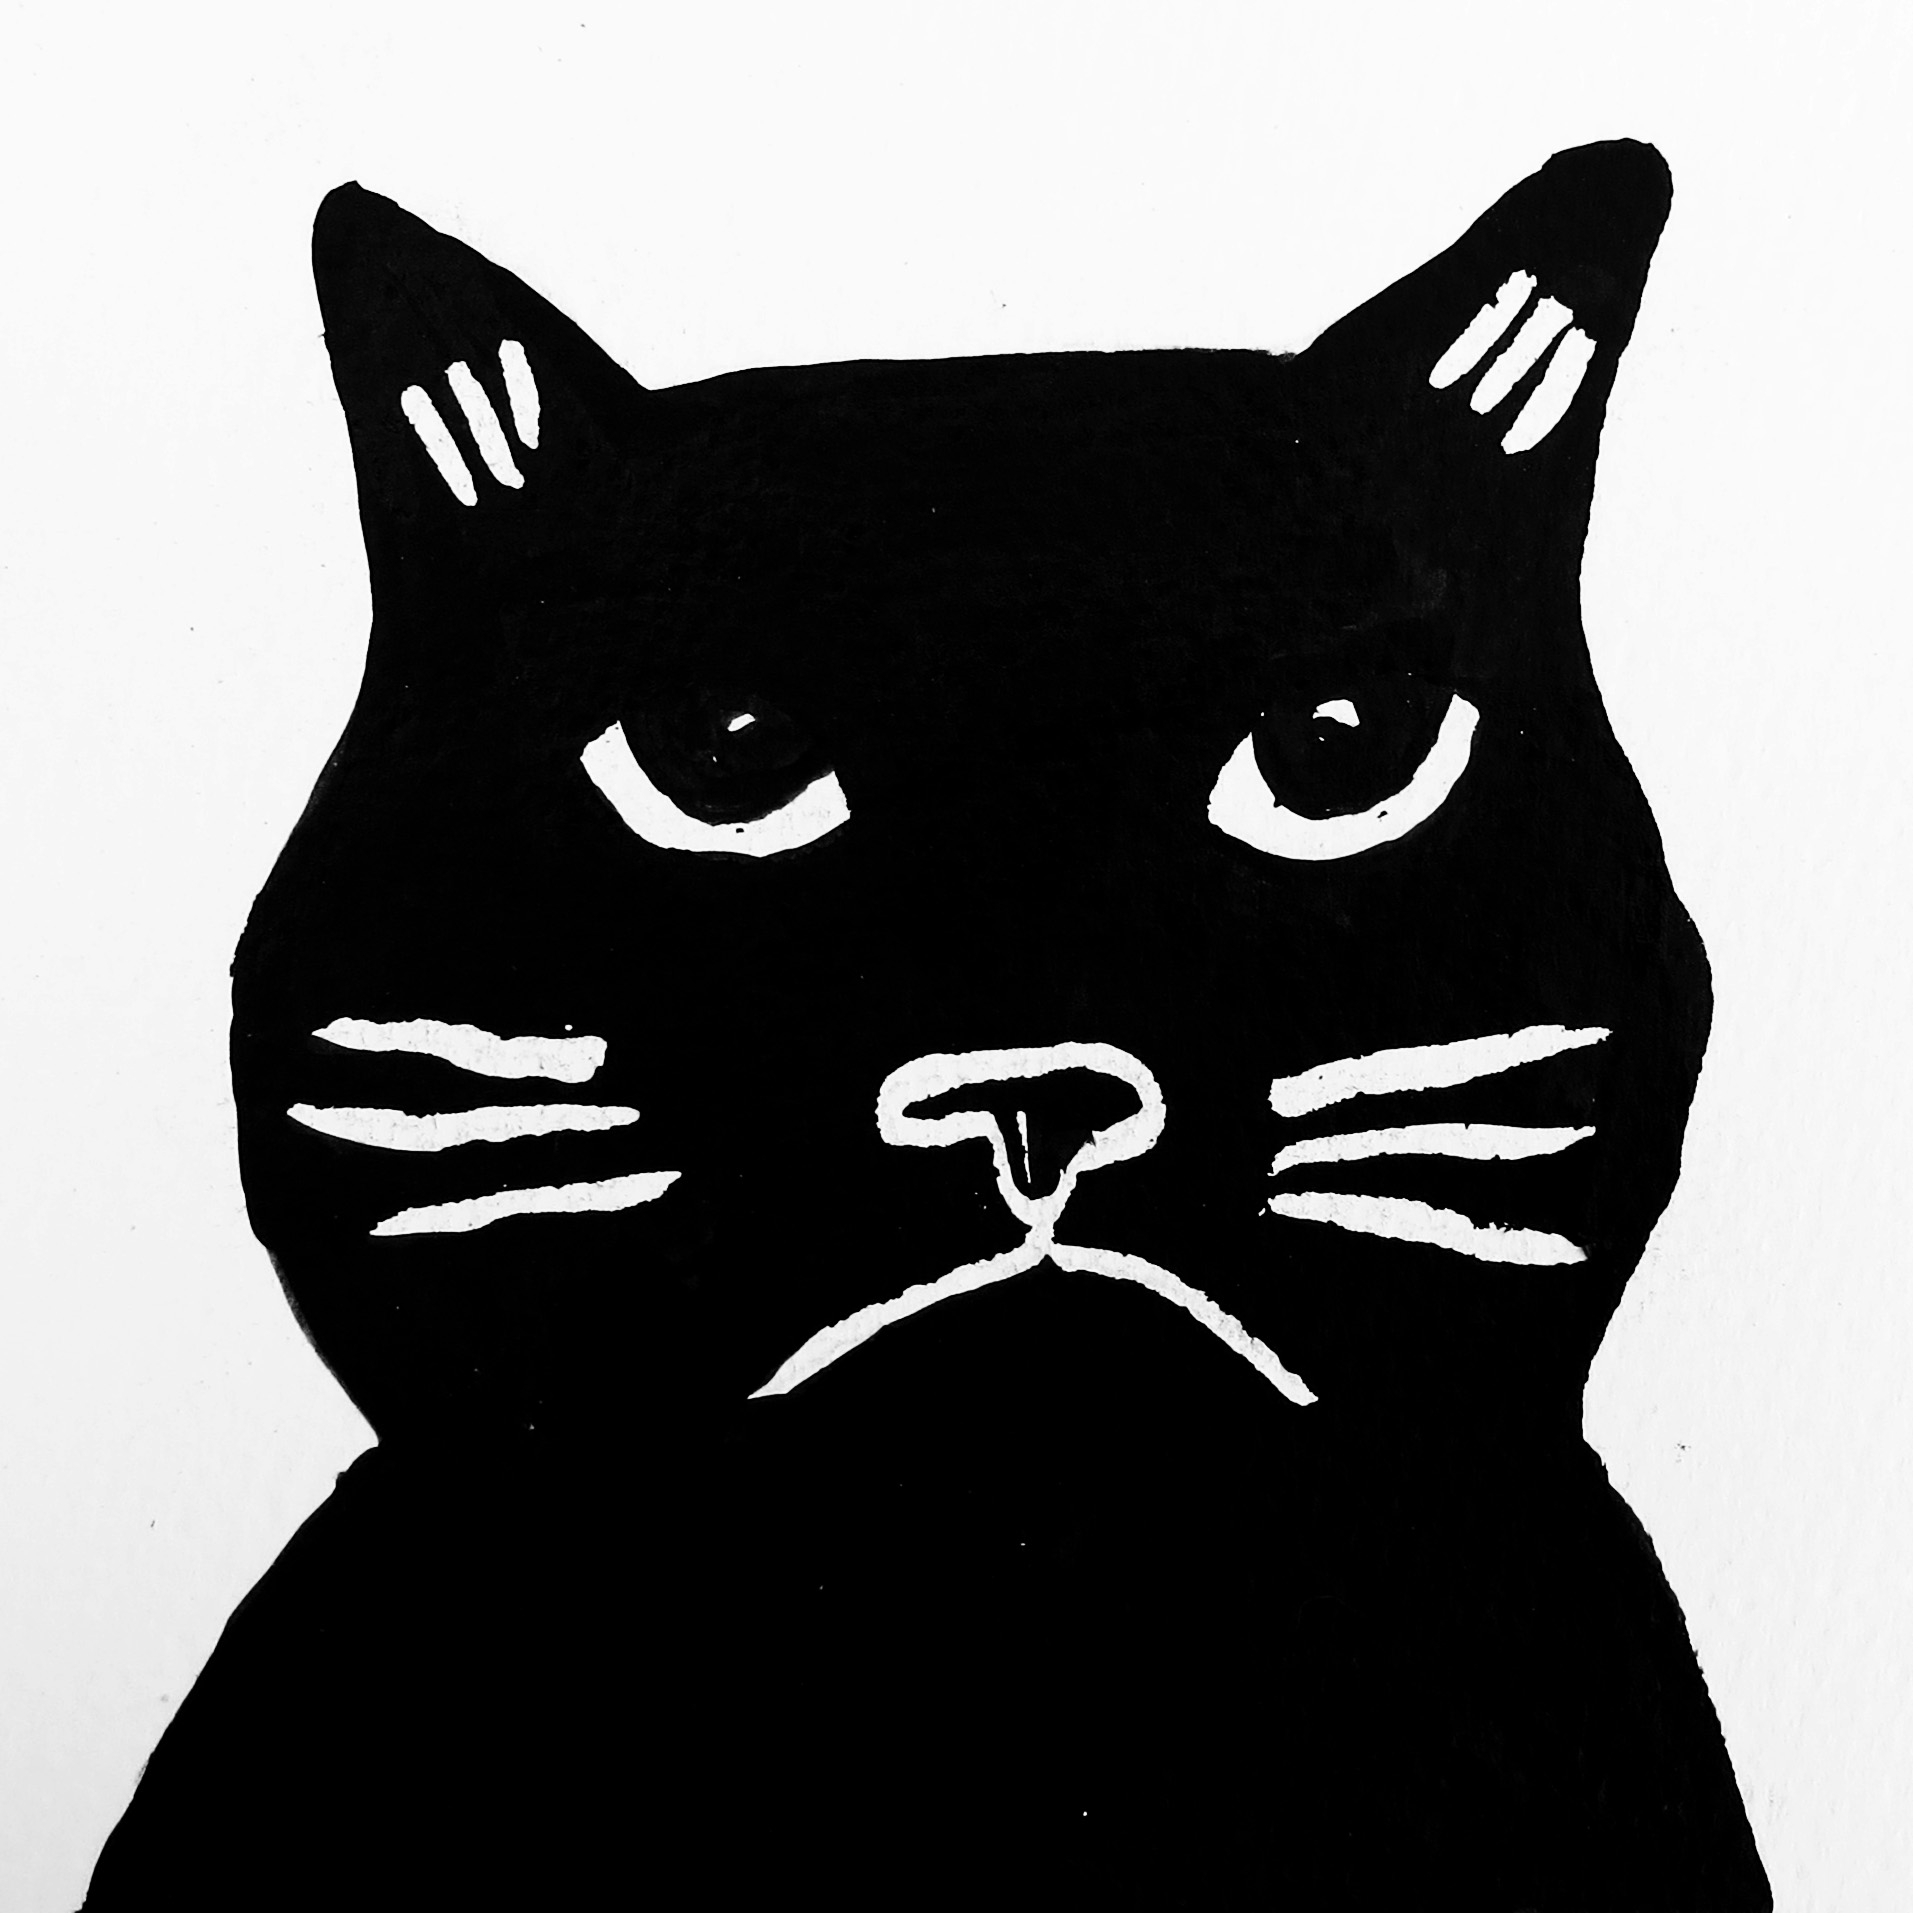 Drawn card grumpy cat #8